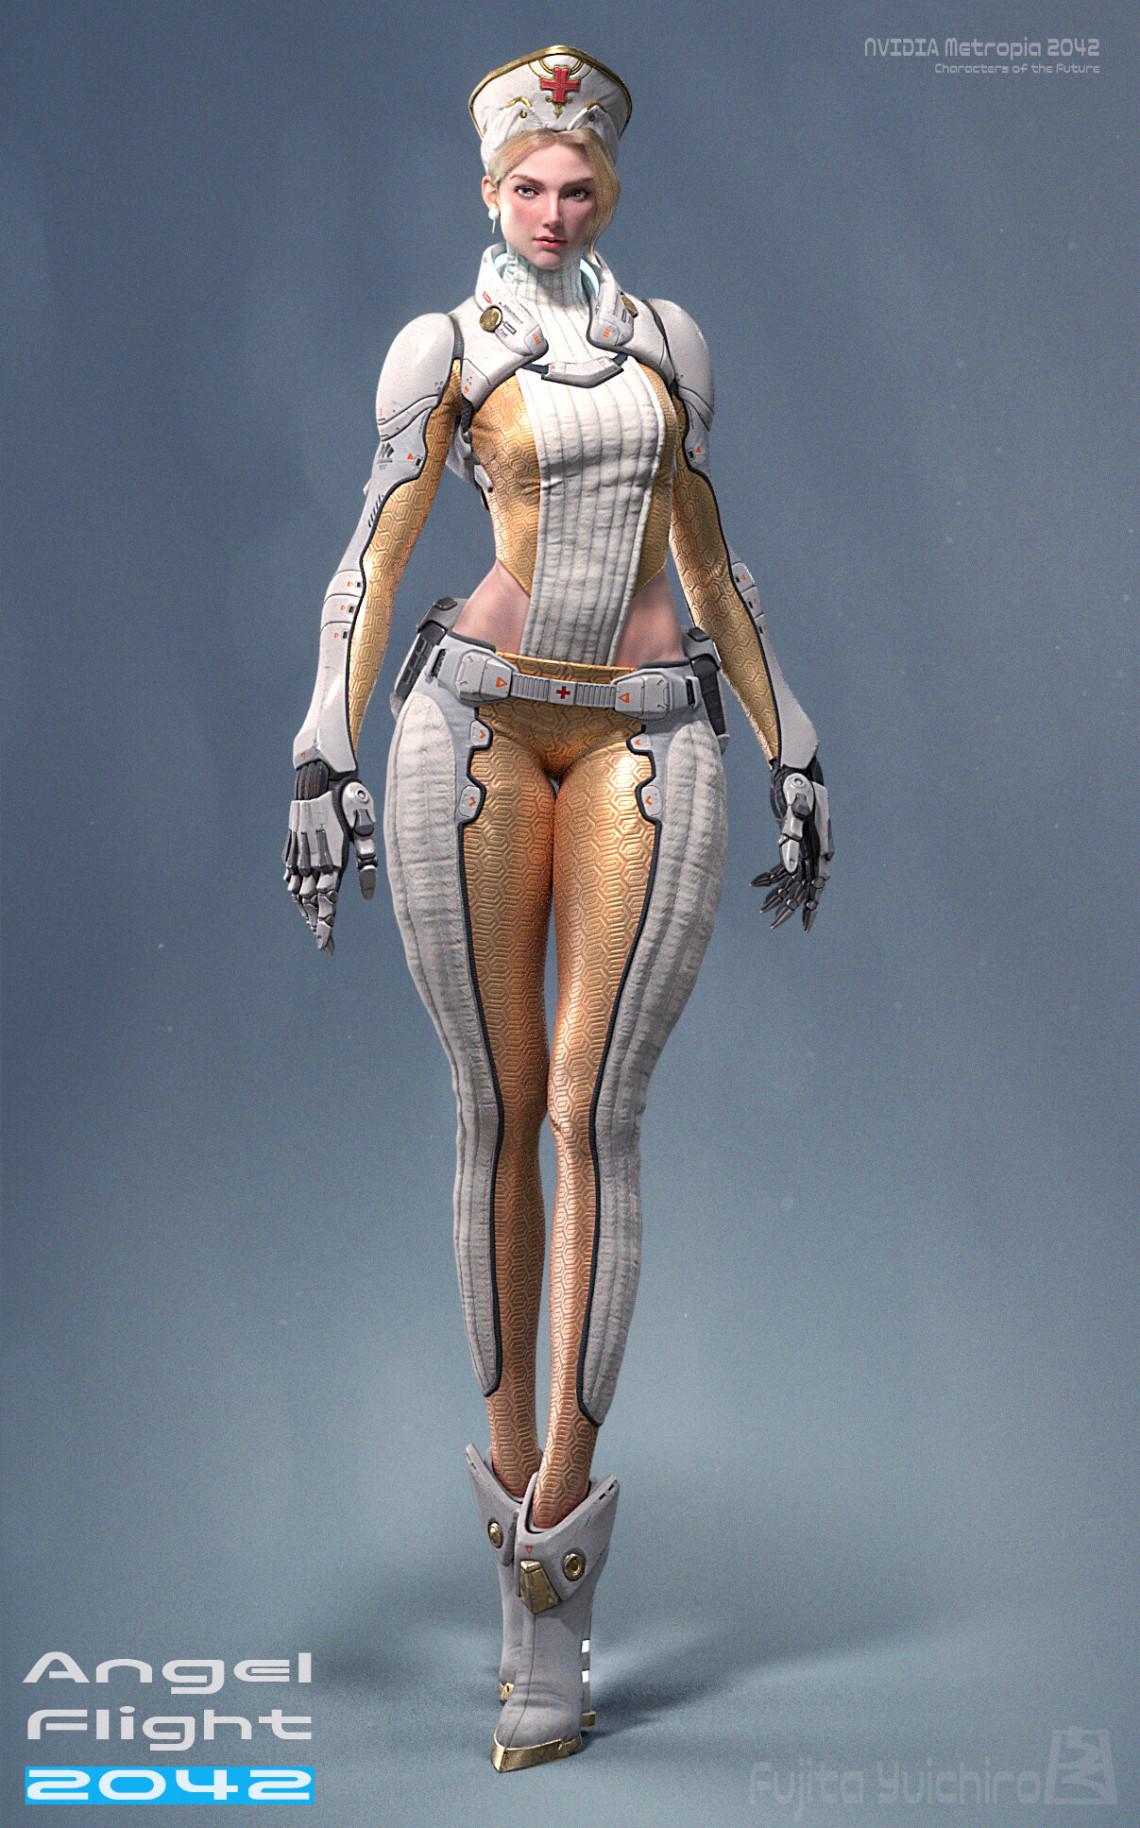 天使2042飞行机器人